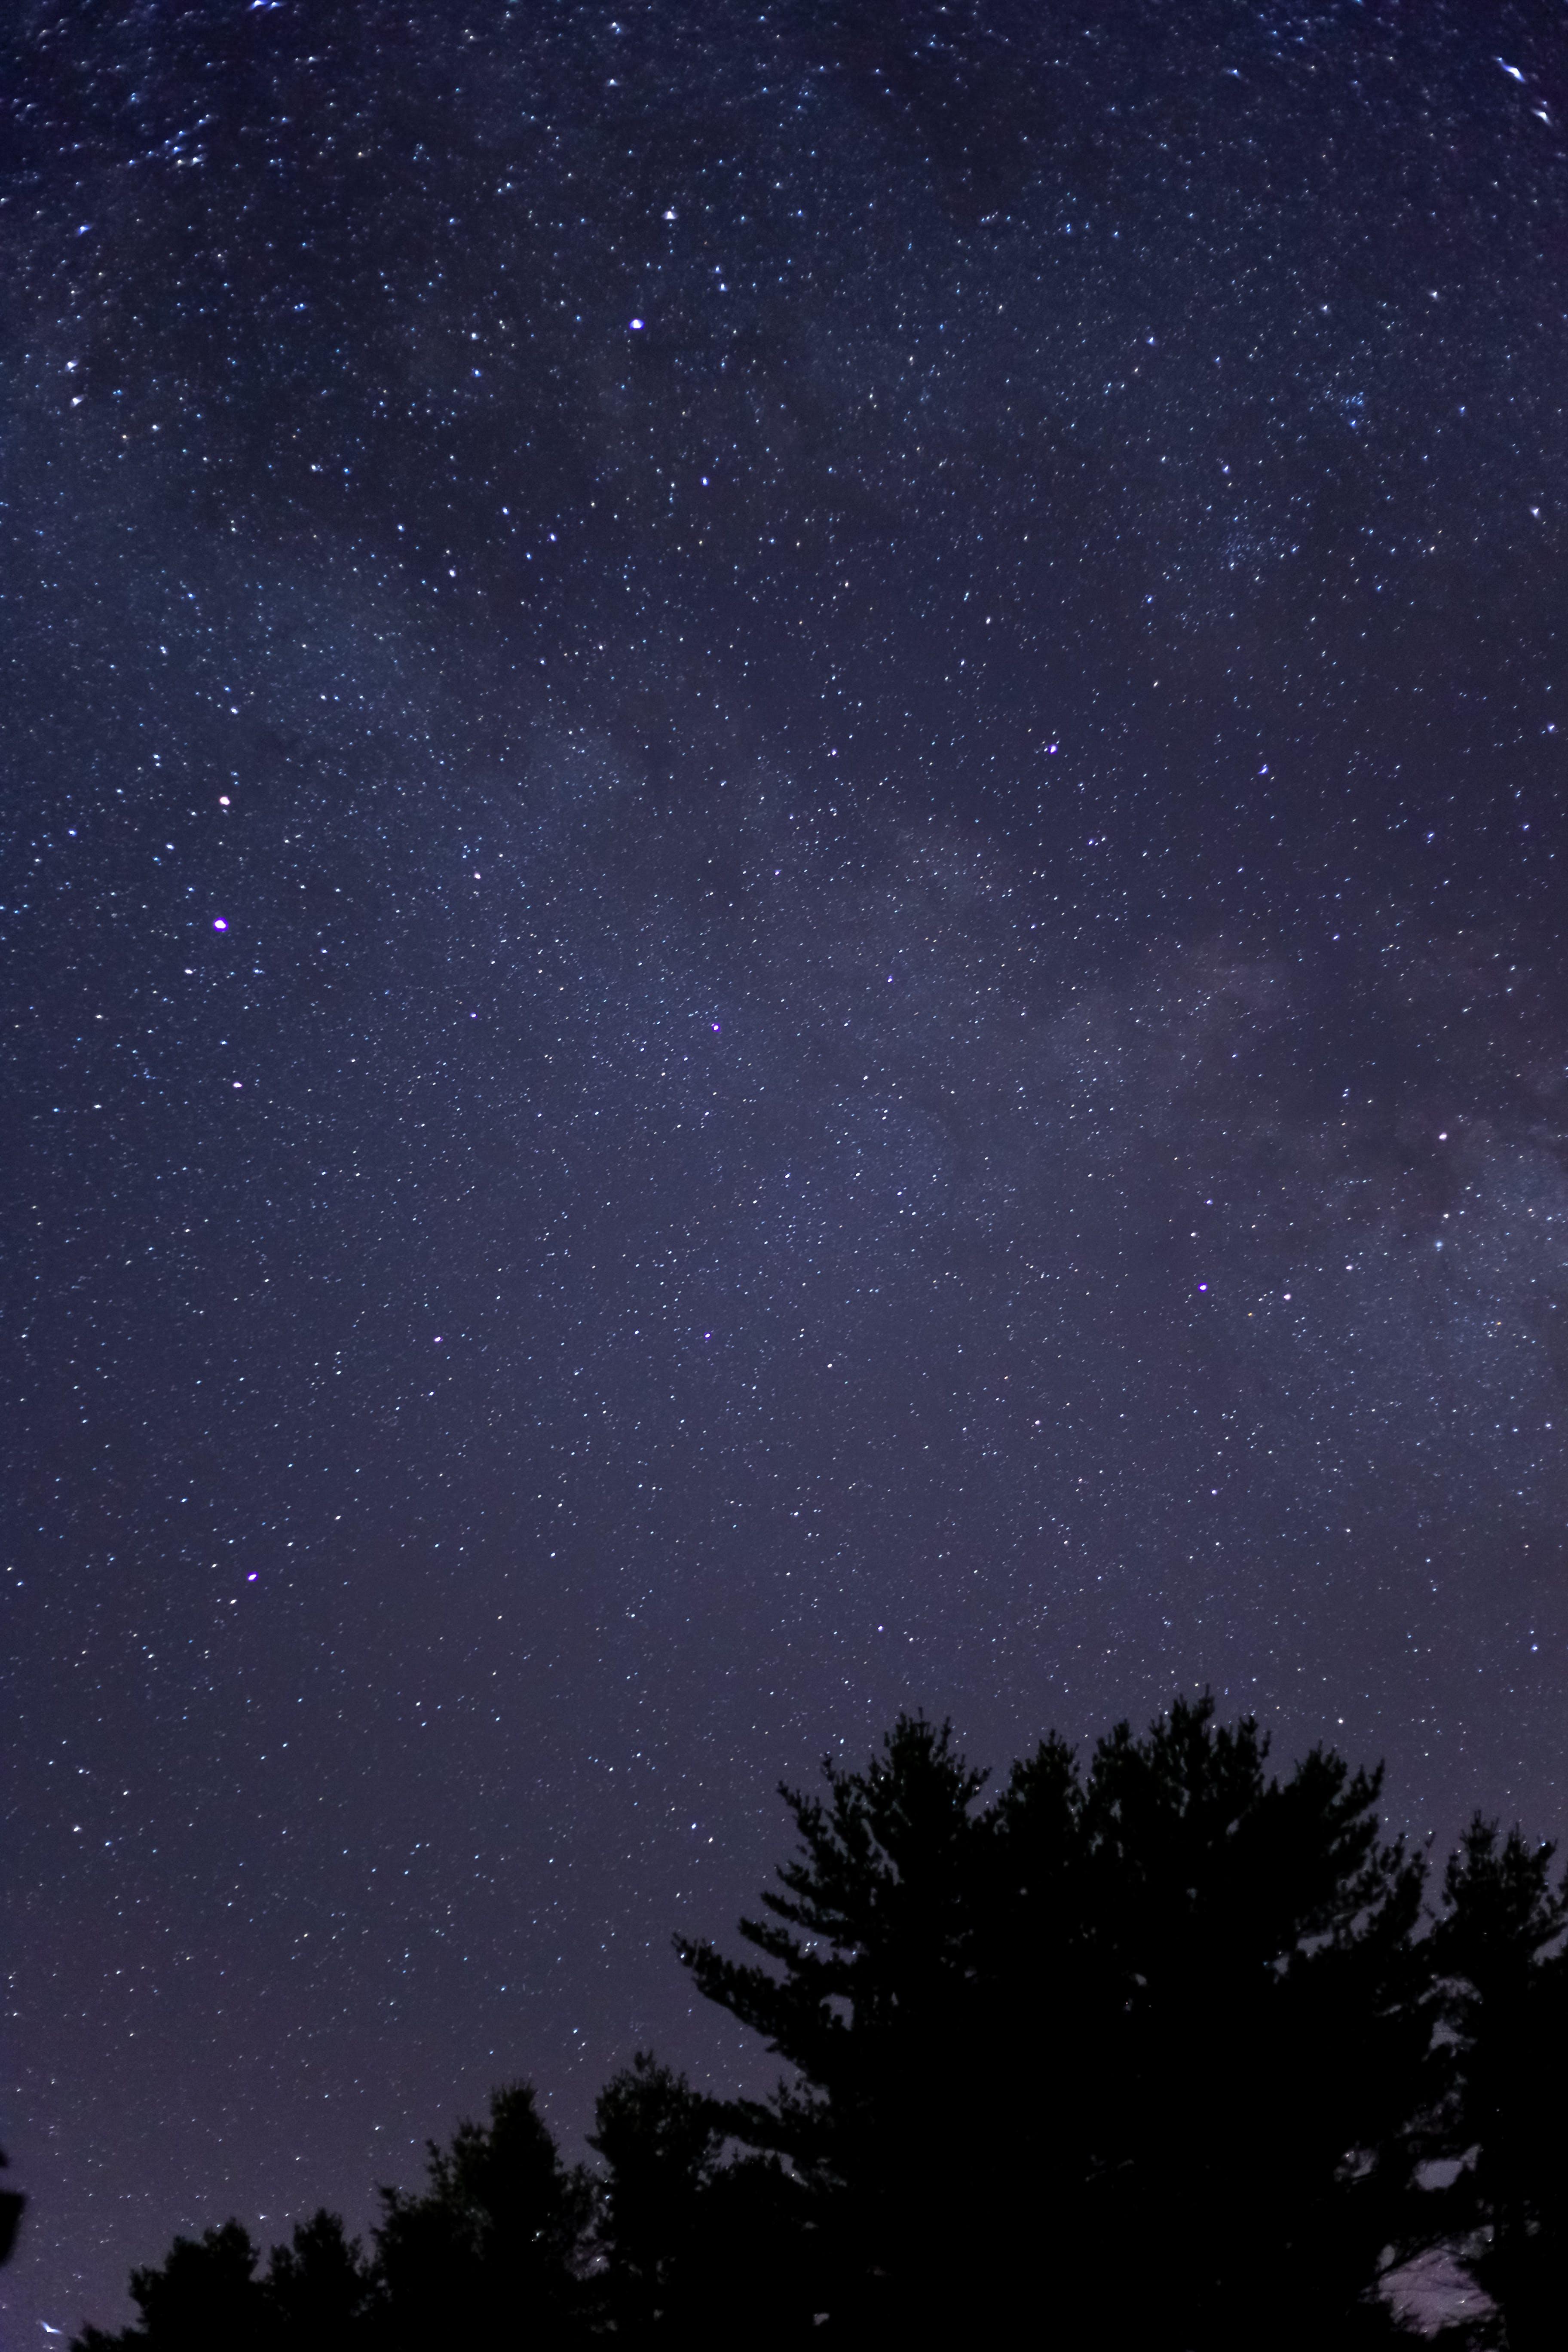 galaxy, night, sky